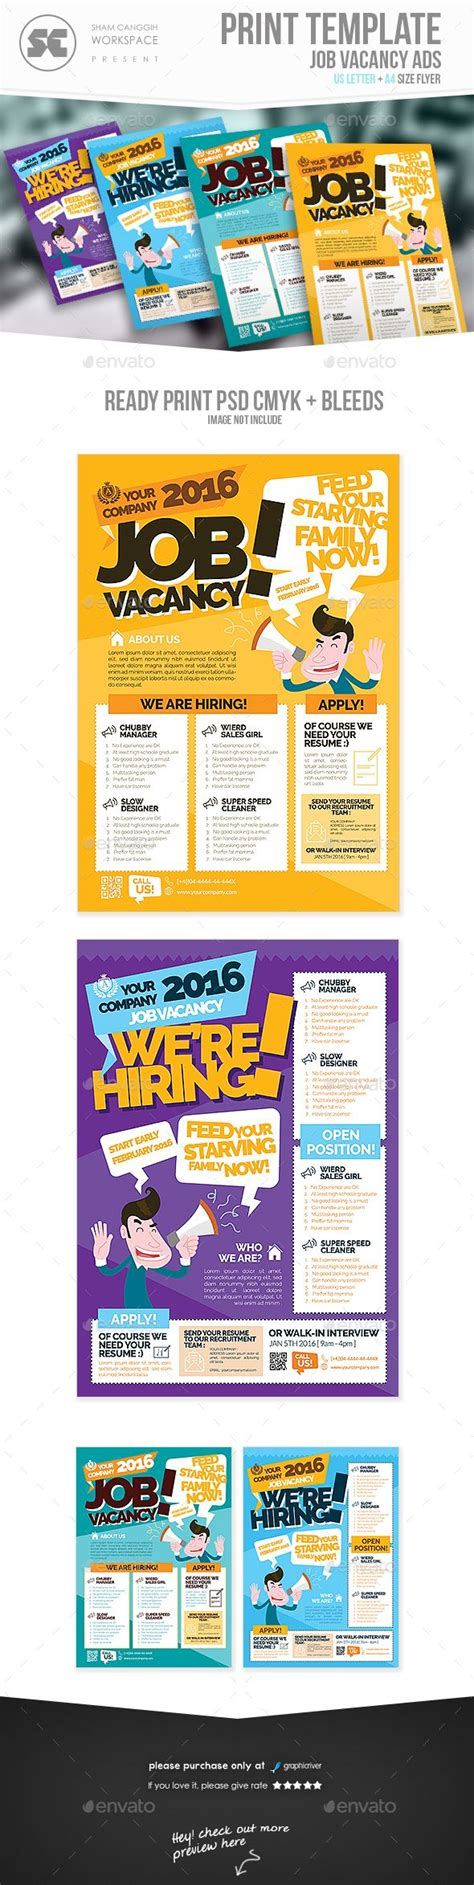 flyer design jobs best 25 job promotion ideas on pinterest job promotion